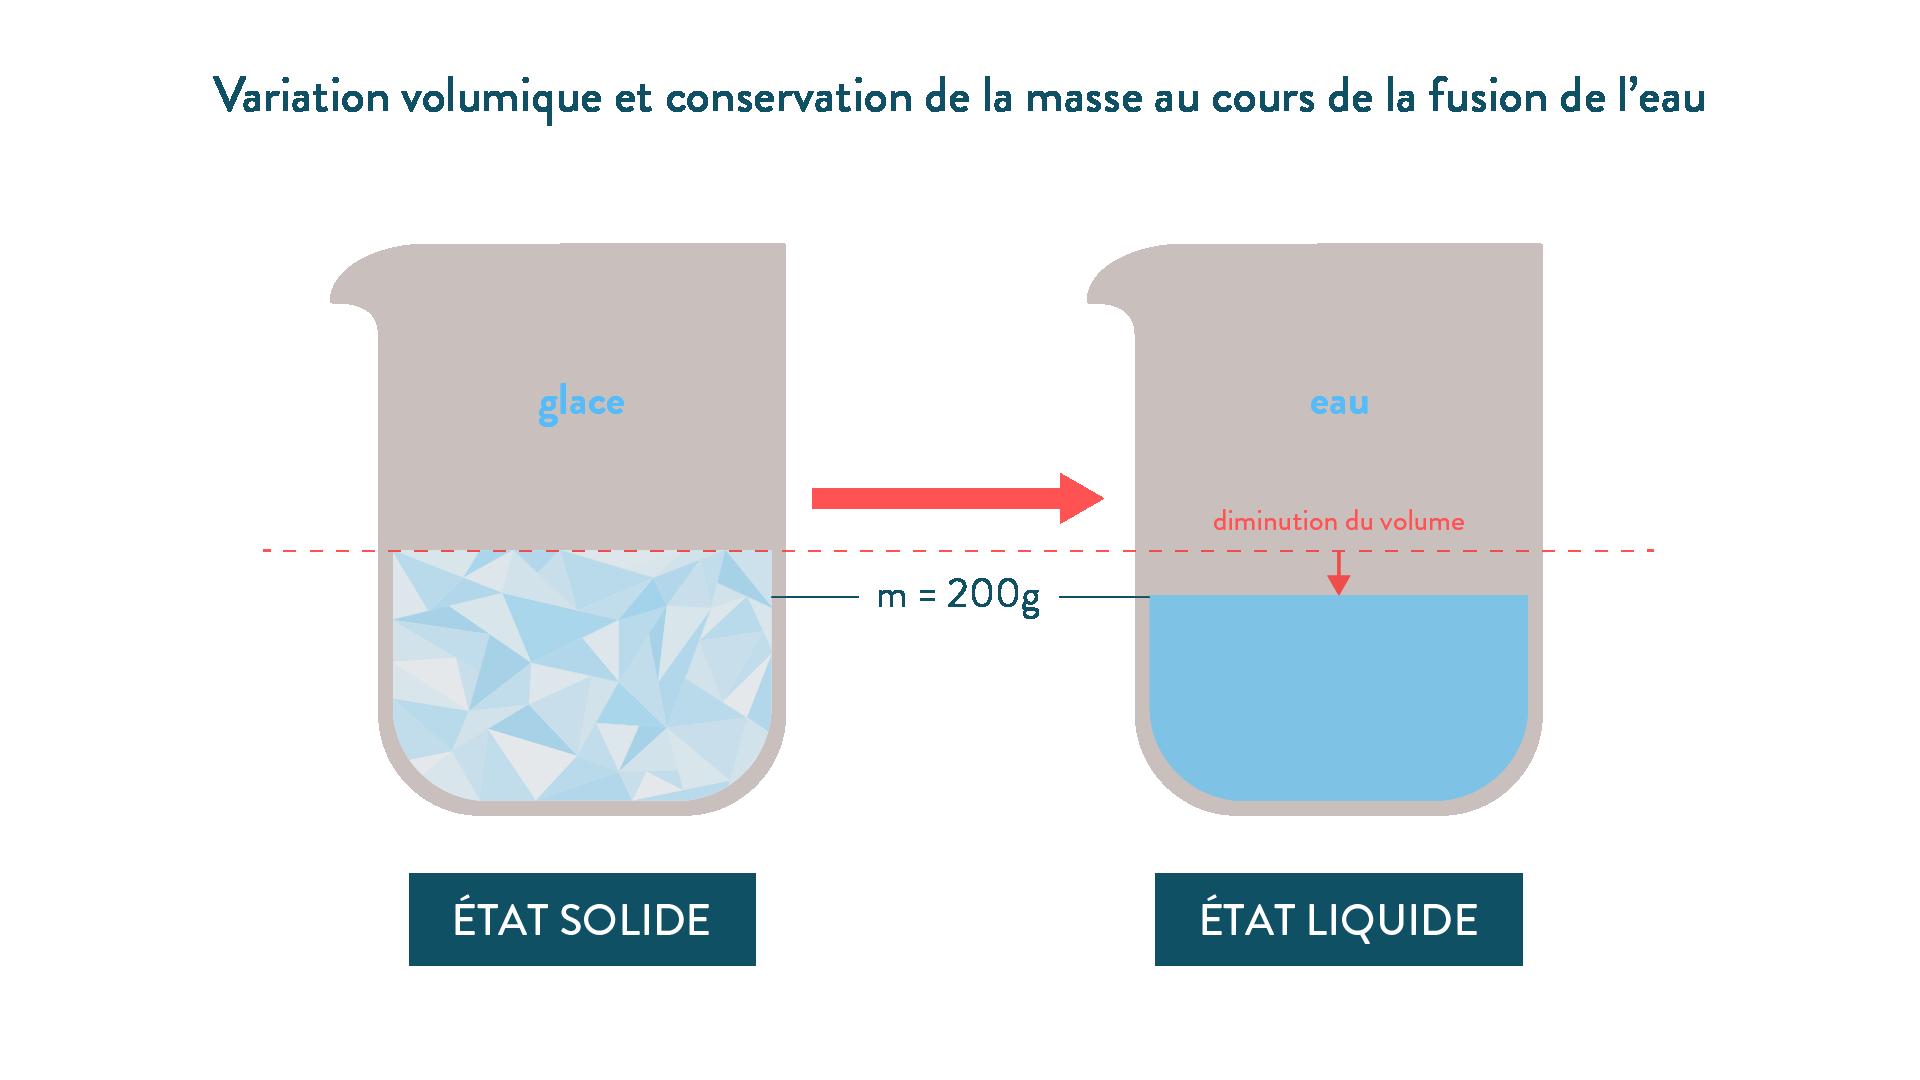 Variation volumique et conservation de la masse au cours de la fusion de l'eau